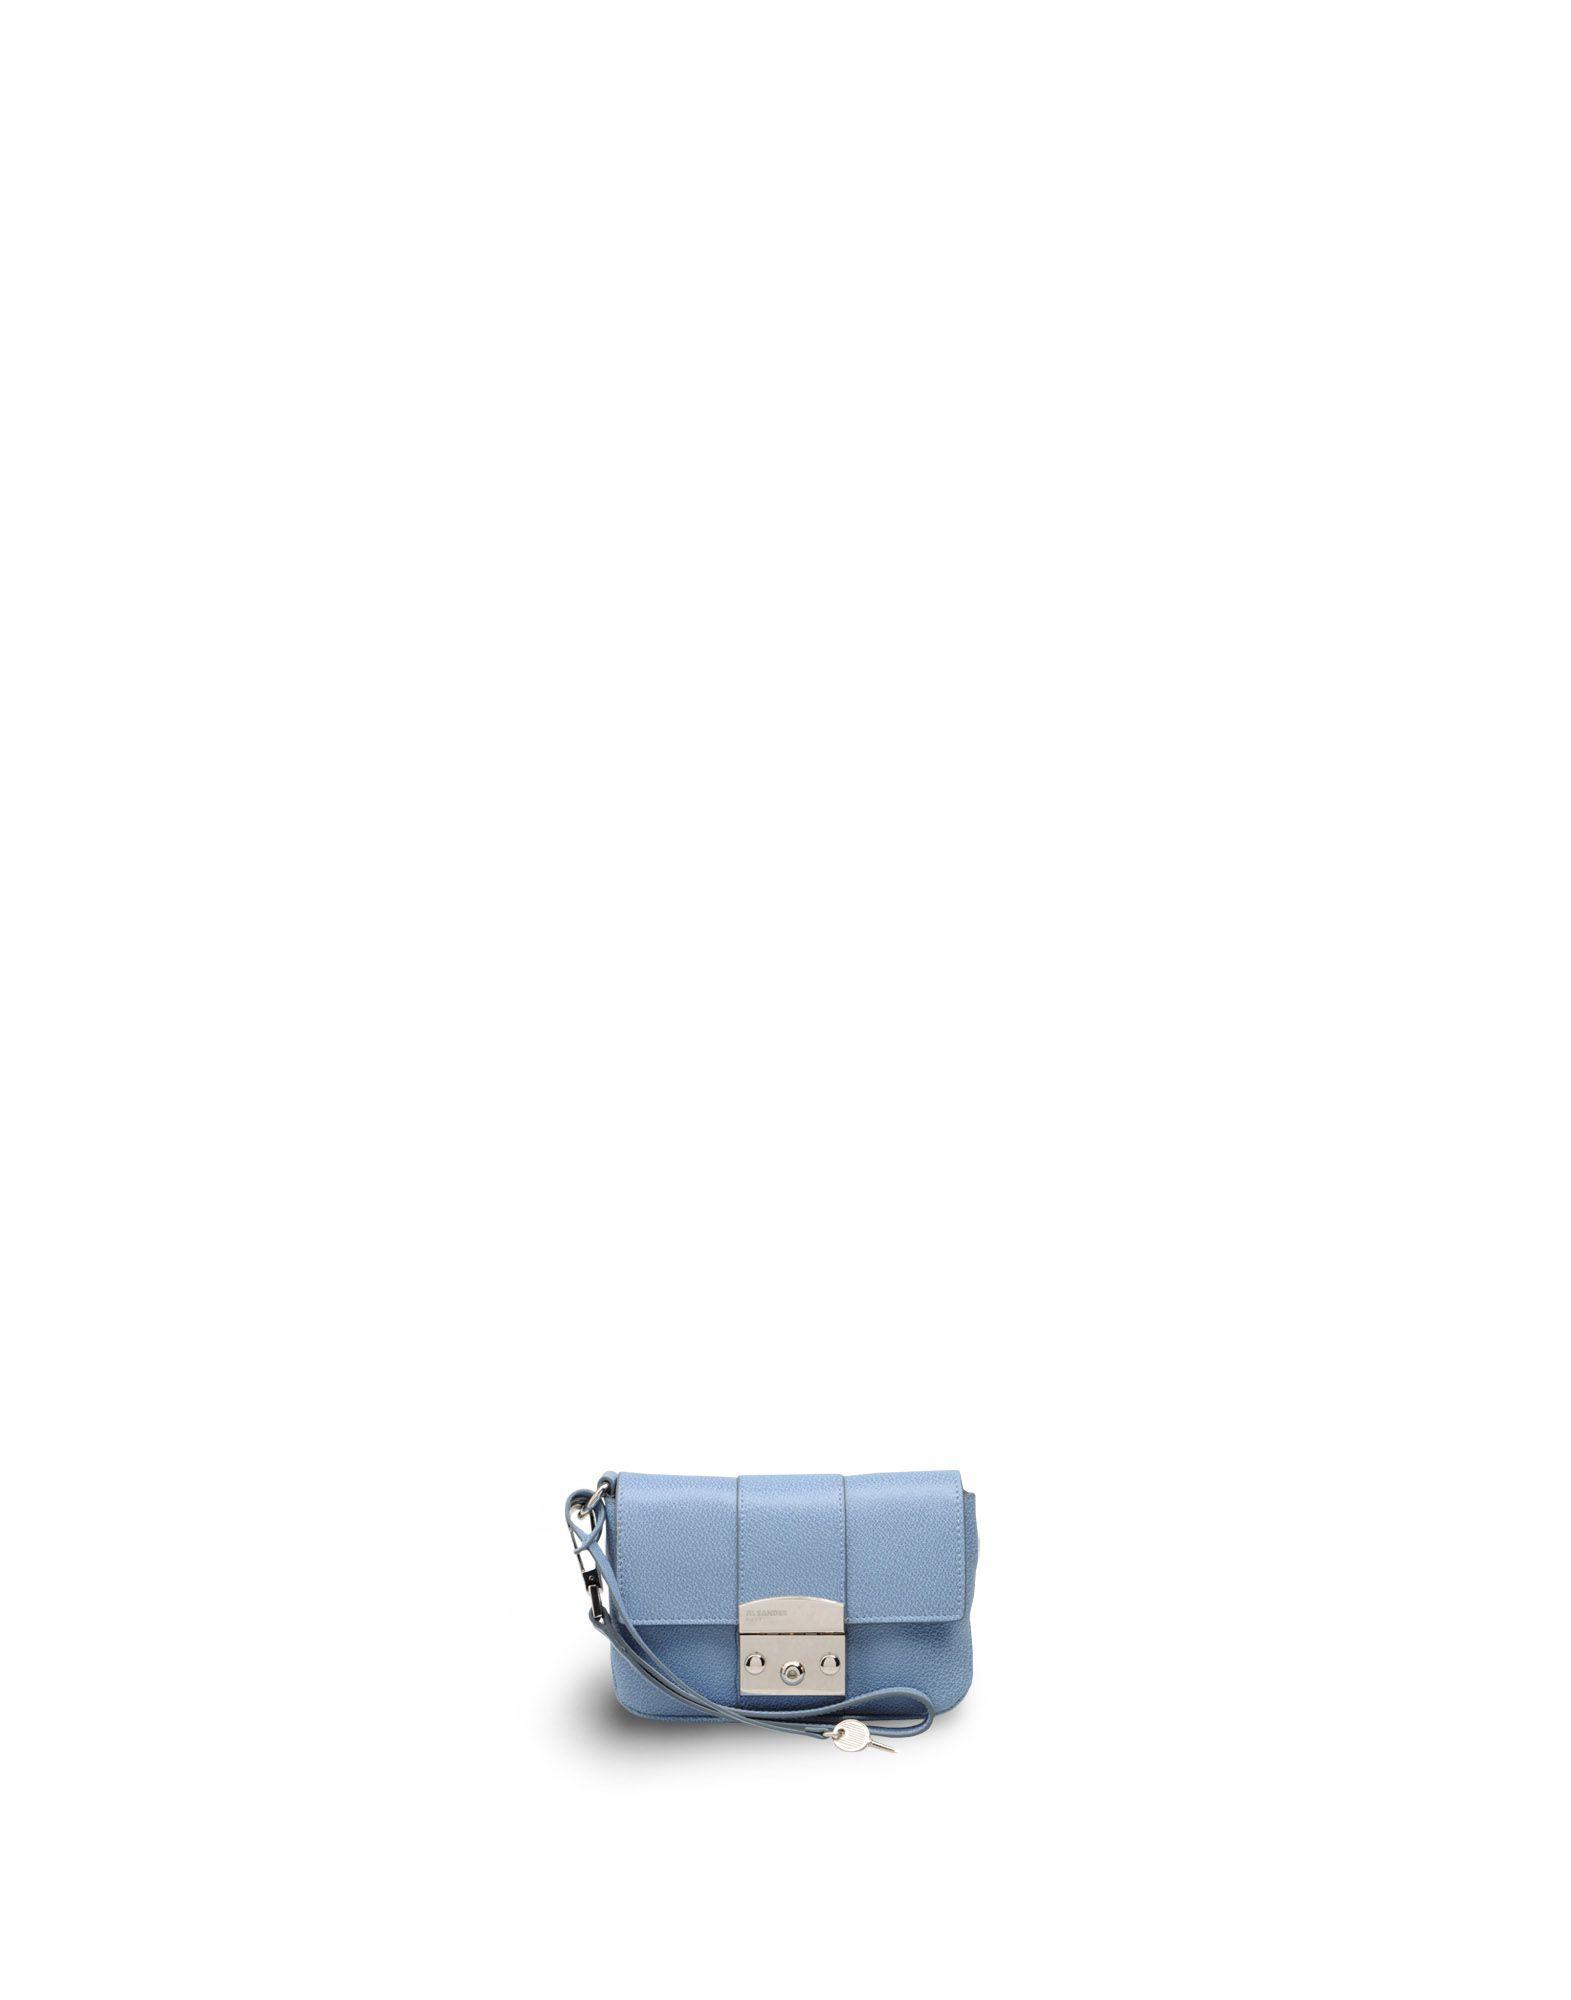 Beauty Case - JIL SANDER NAVY Online Store